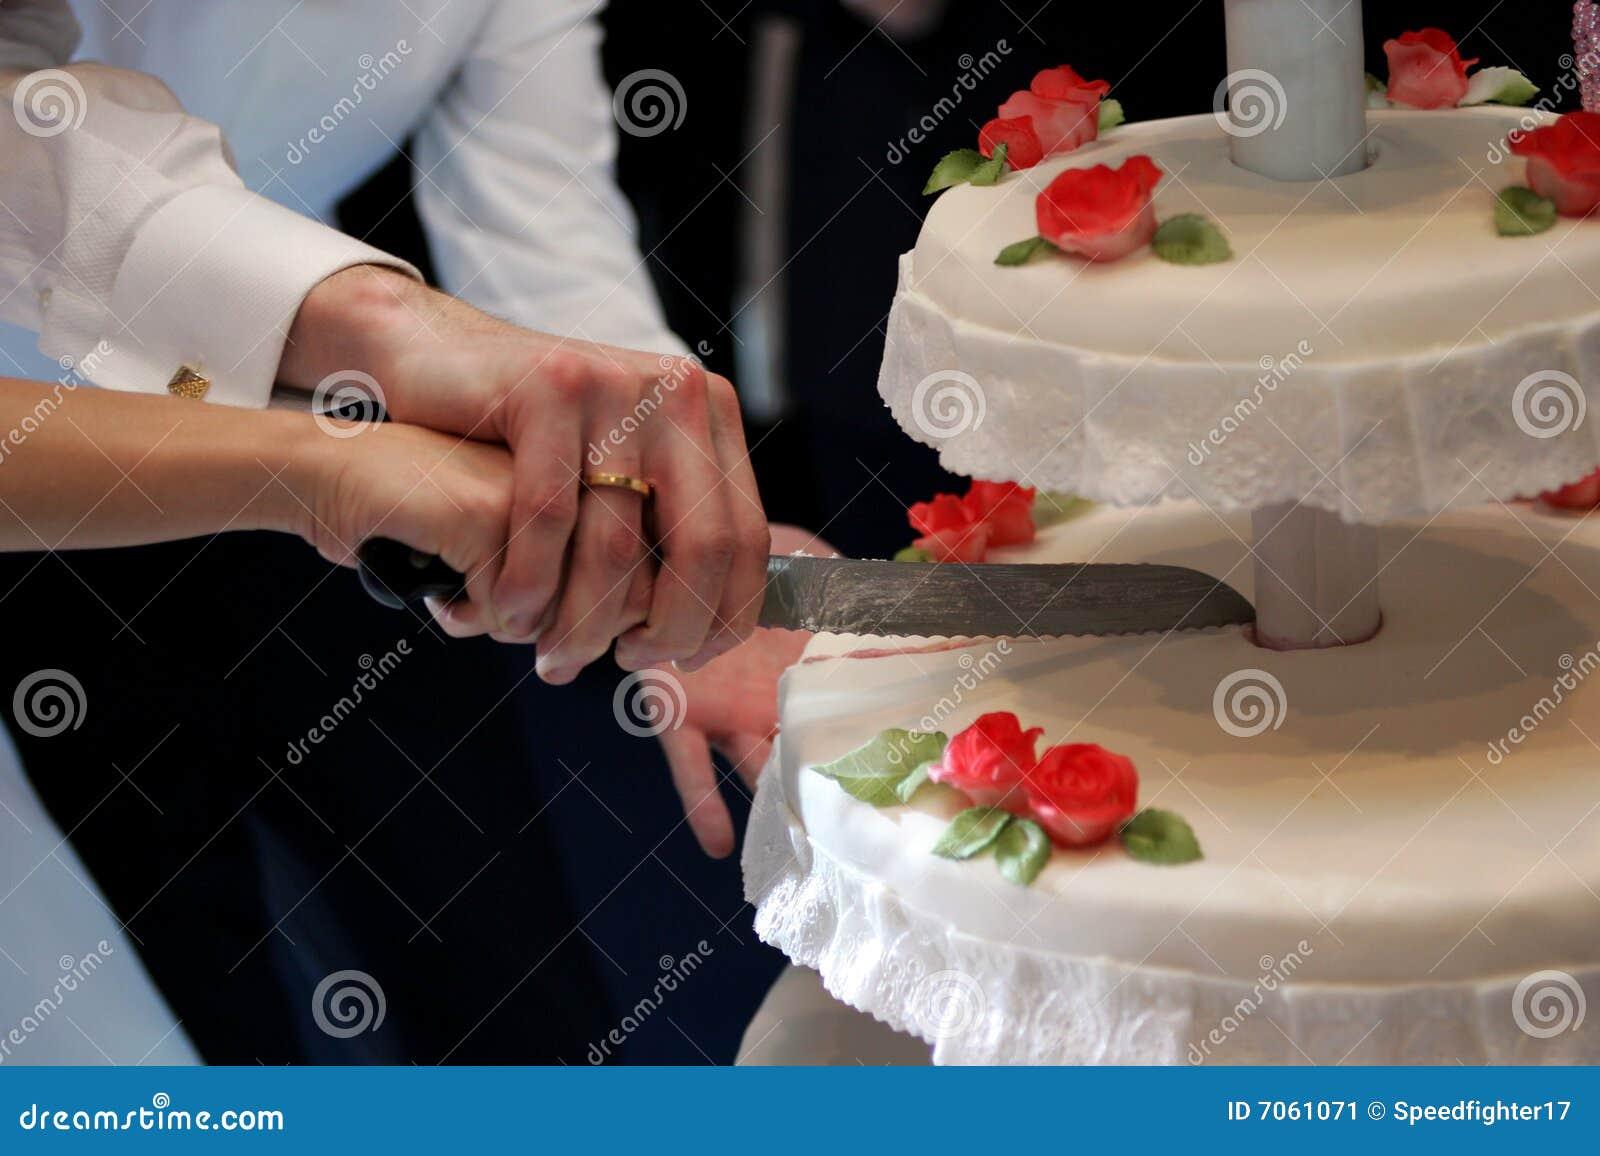 Резка торта на свадьбу